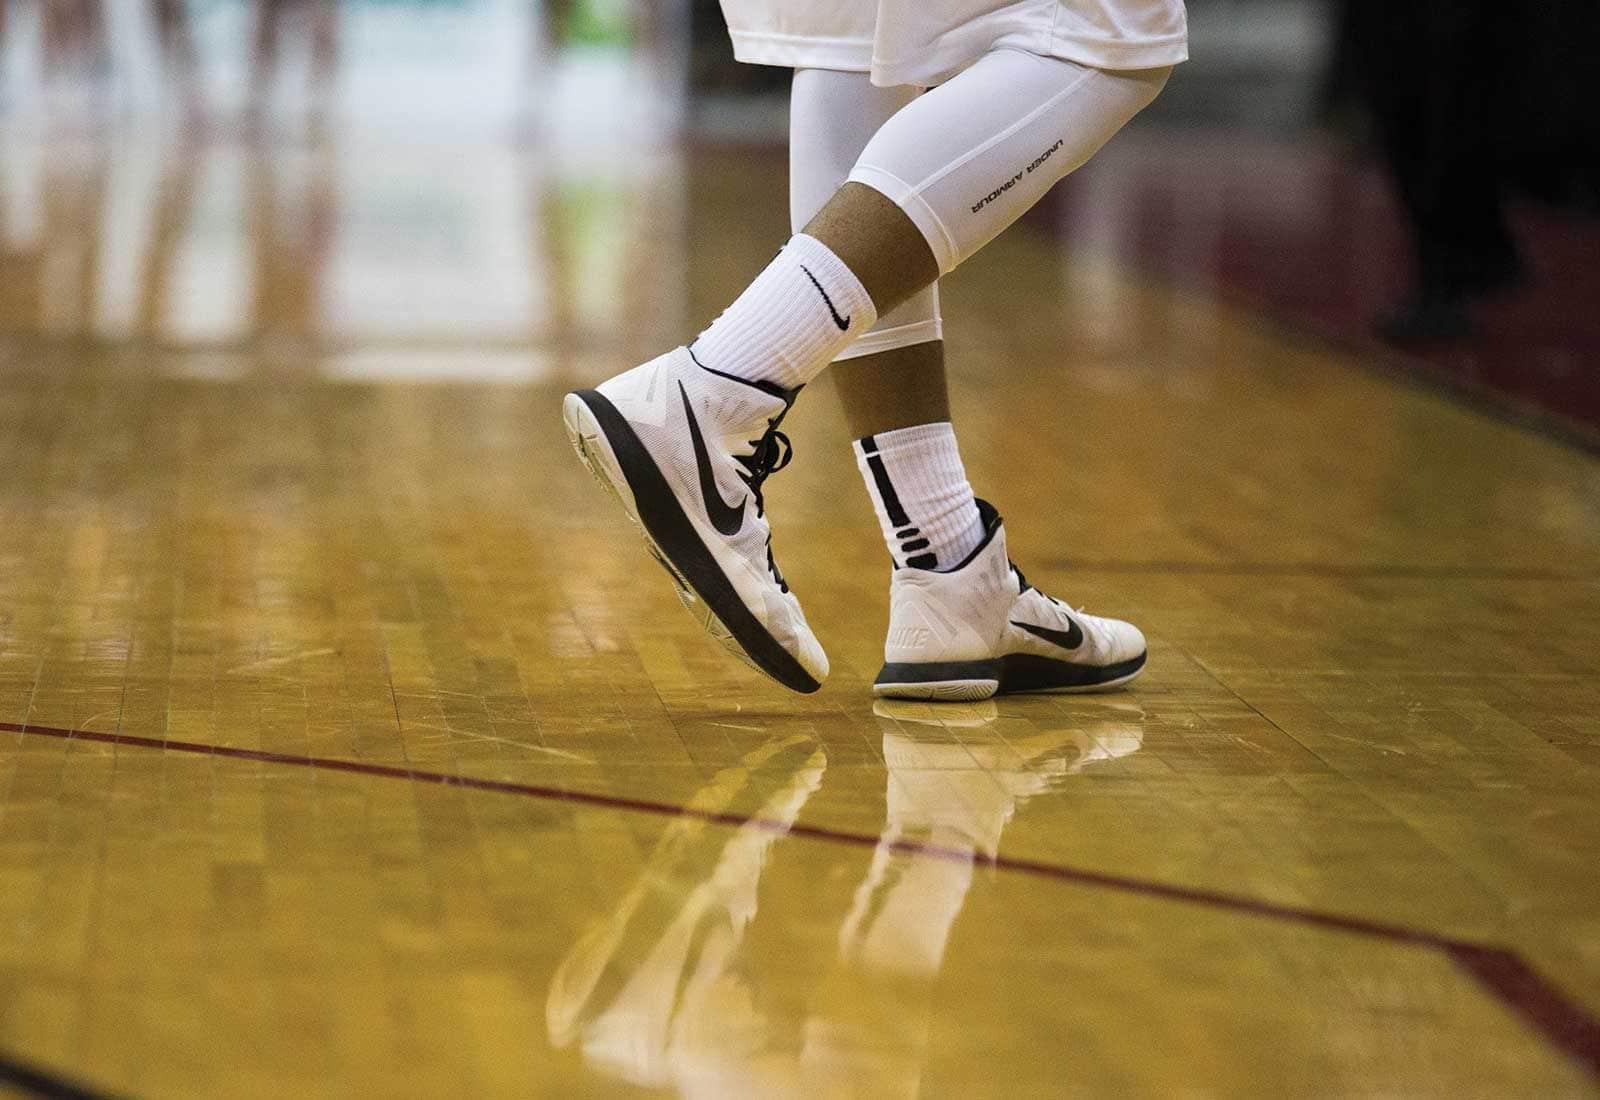 Mesh footwear